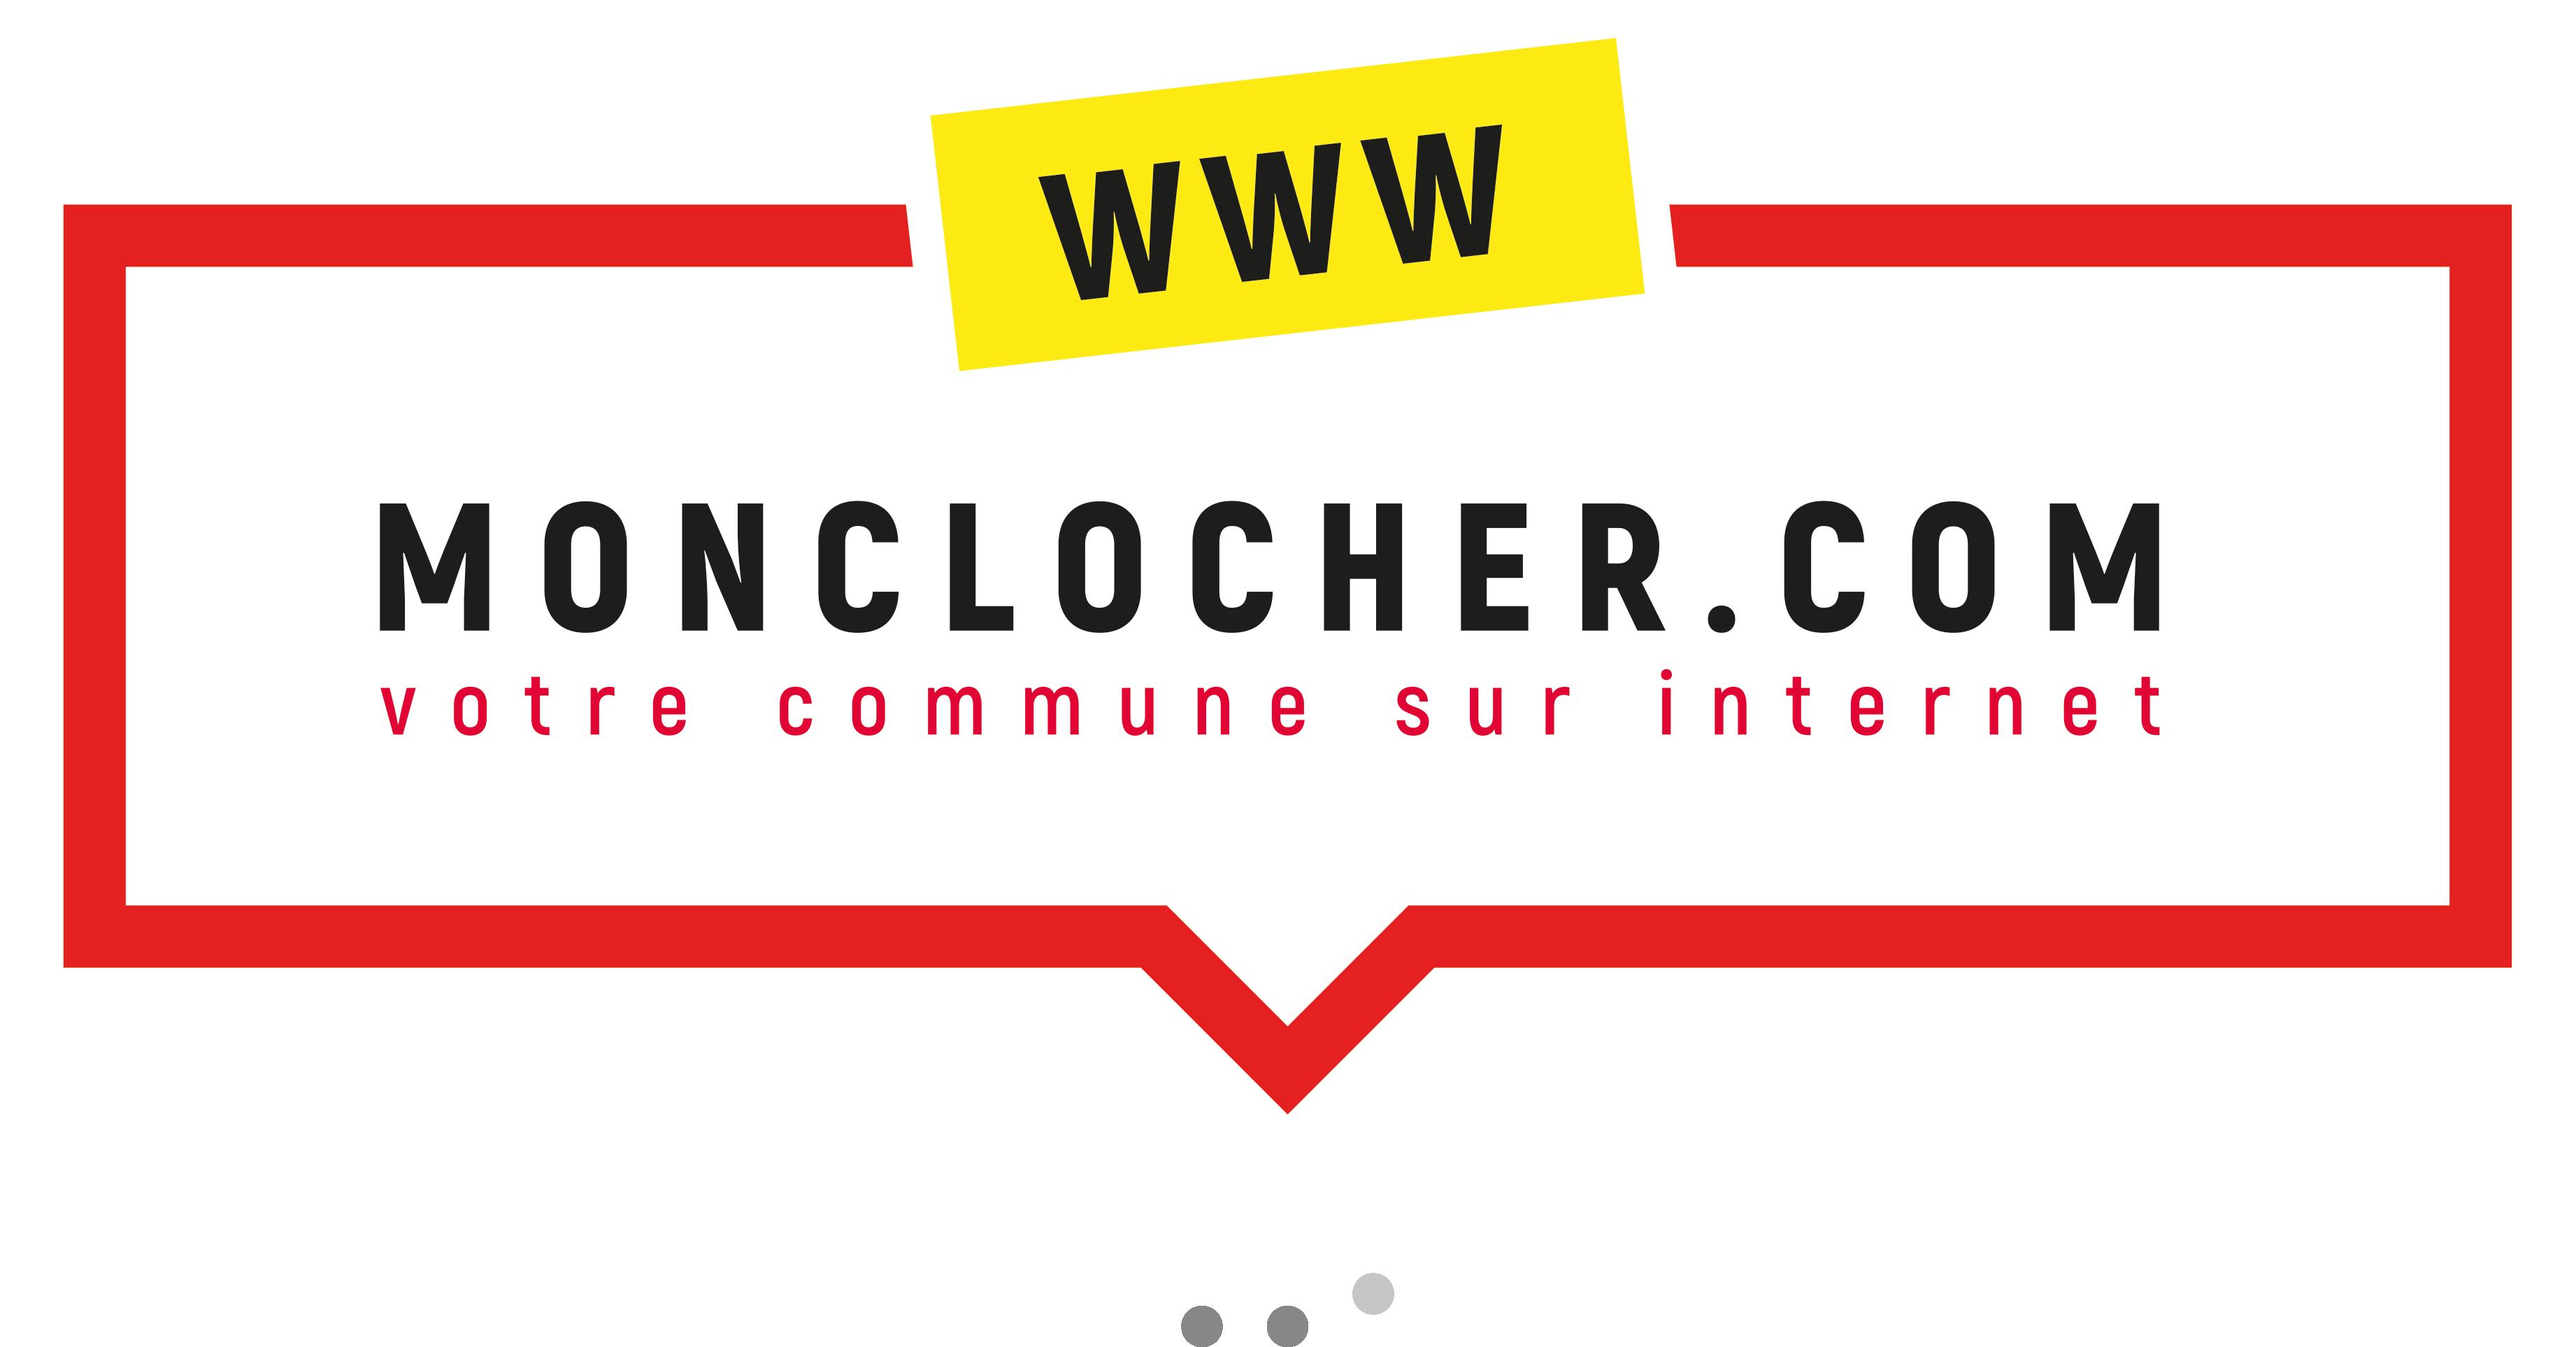 logo monclocher.com